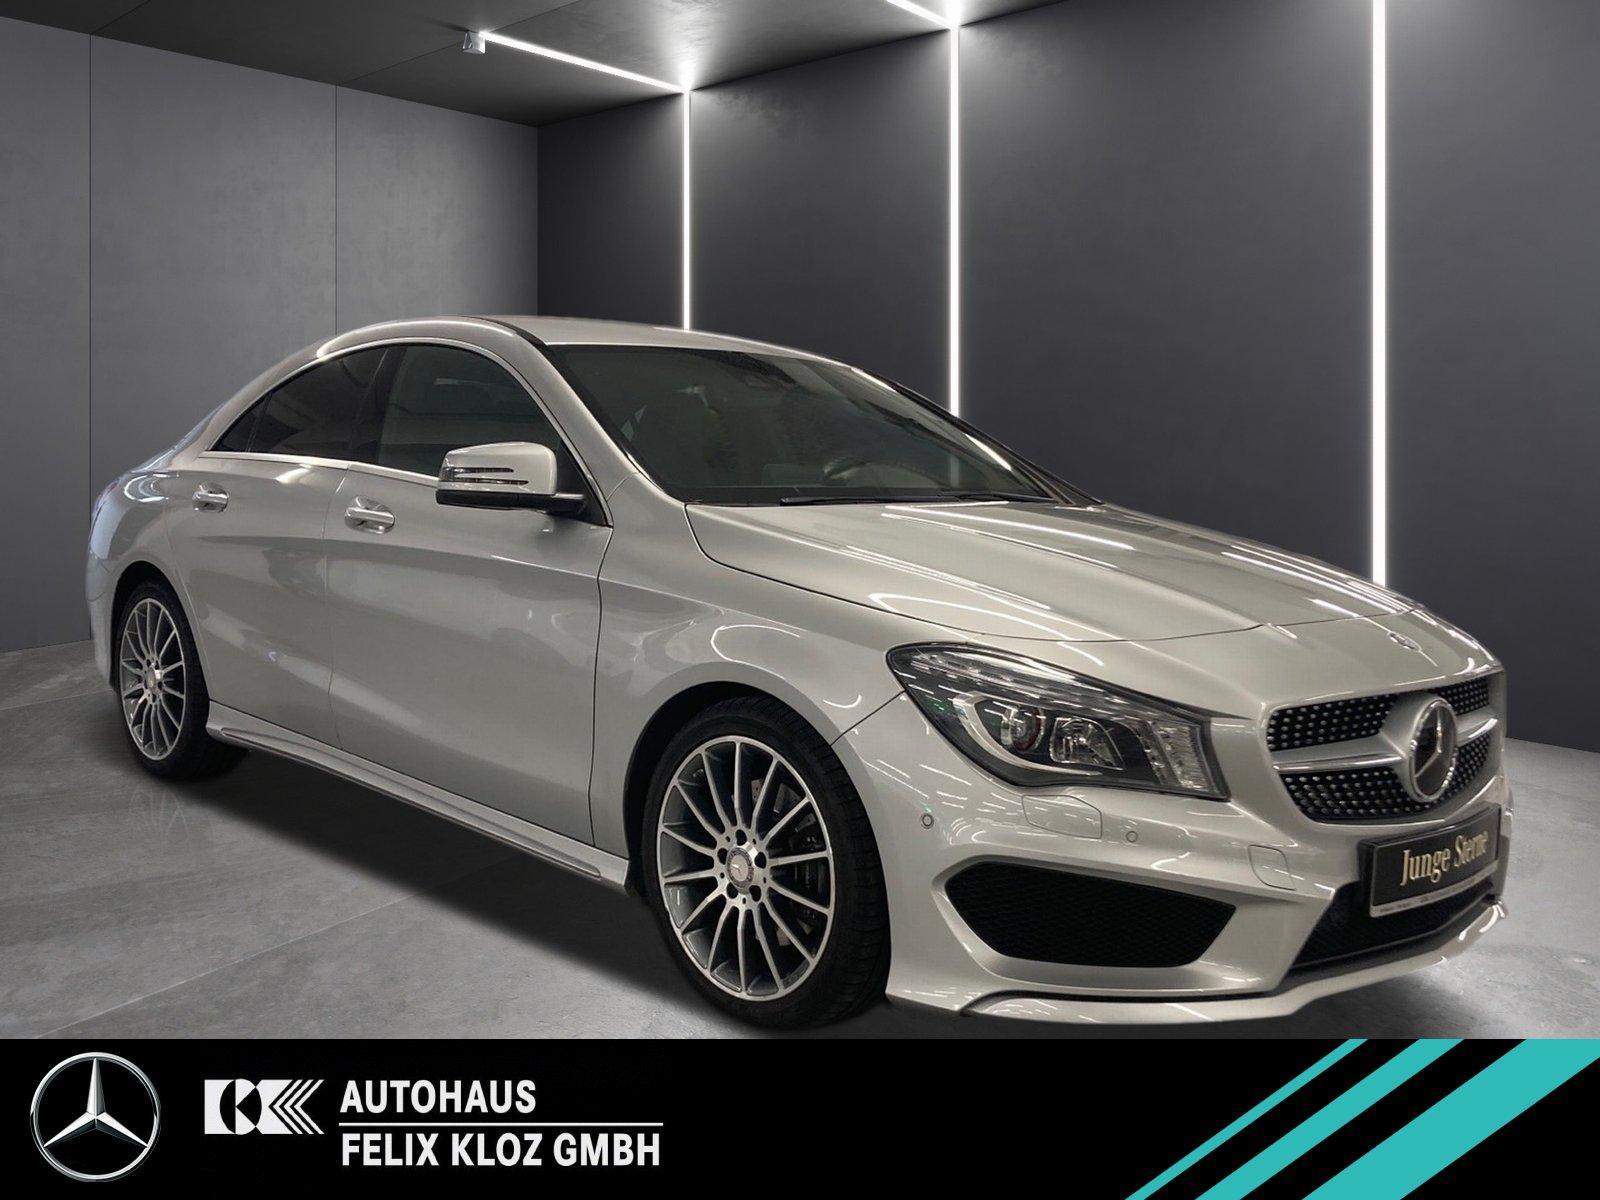 Mercedes-Benz CLA 250 4M AMG*Exklusiv*Comand*Distronic*Kamera, Jahr 2014, Benzin